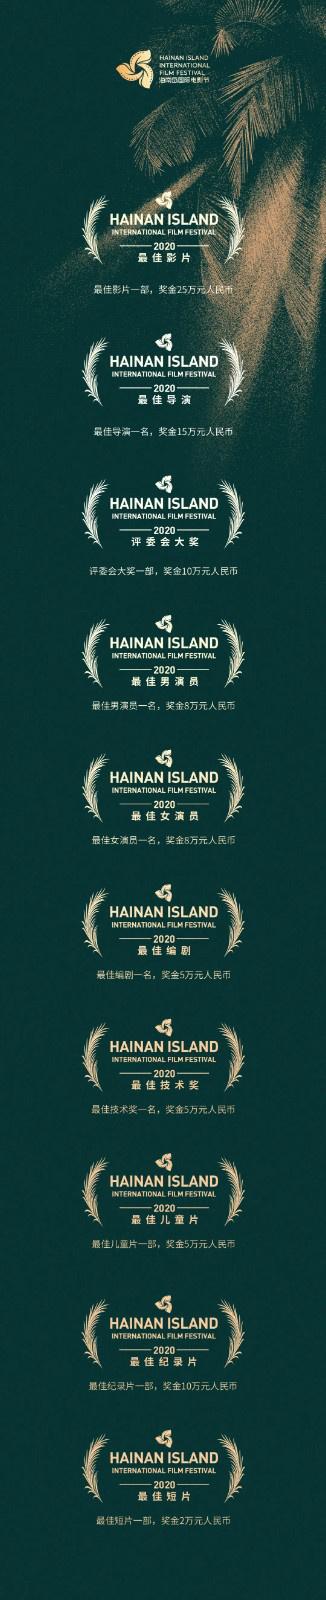 欧博亚洲电脑版下载:第三届海南岛国际电影节 奖励和扶持方案公布 第3张